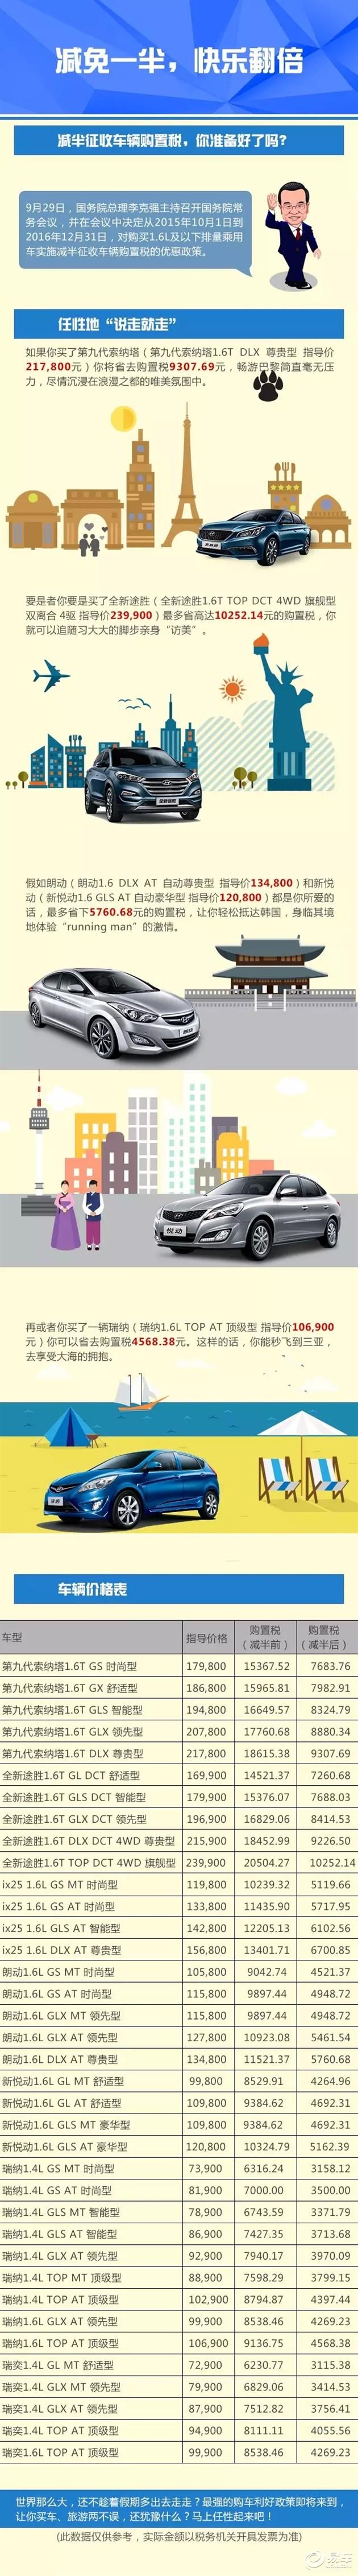 北京现代车辆购置税减半 您准备好了么?